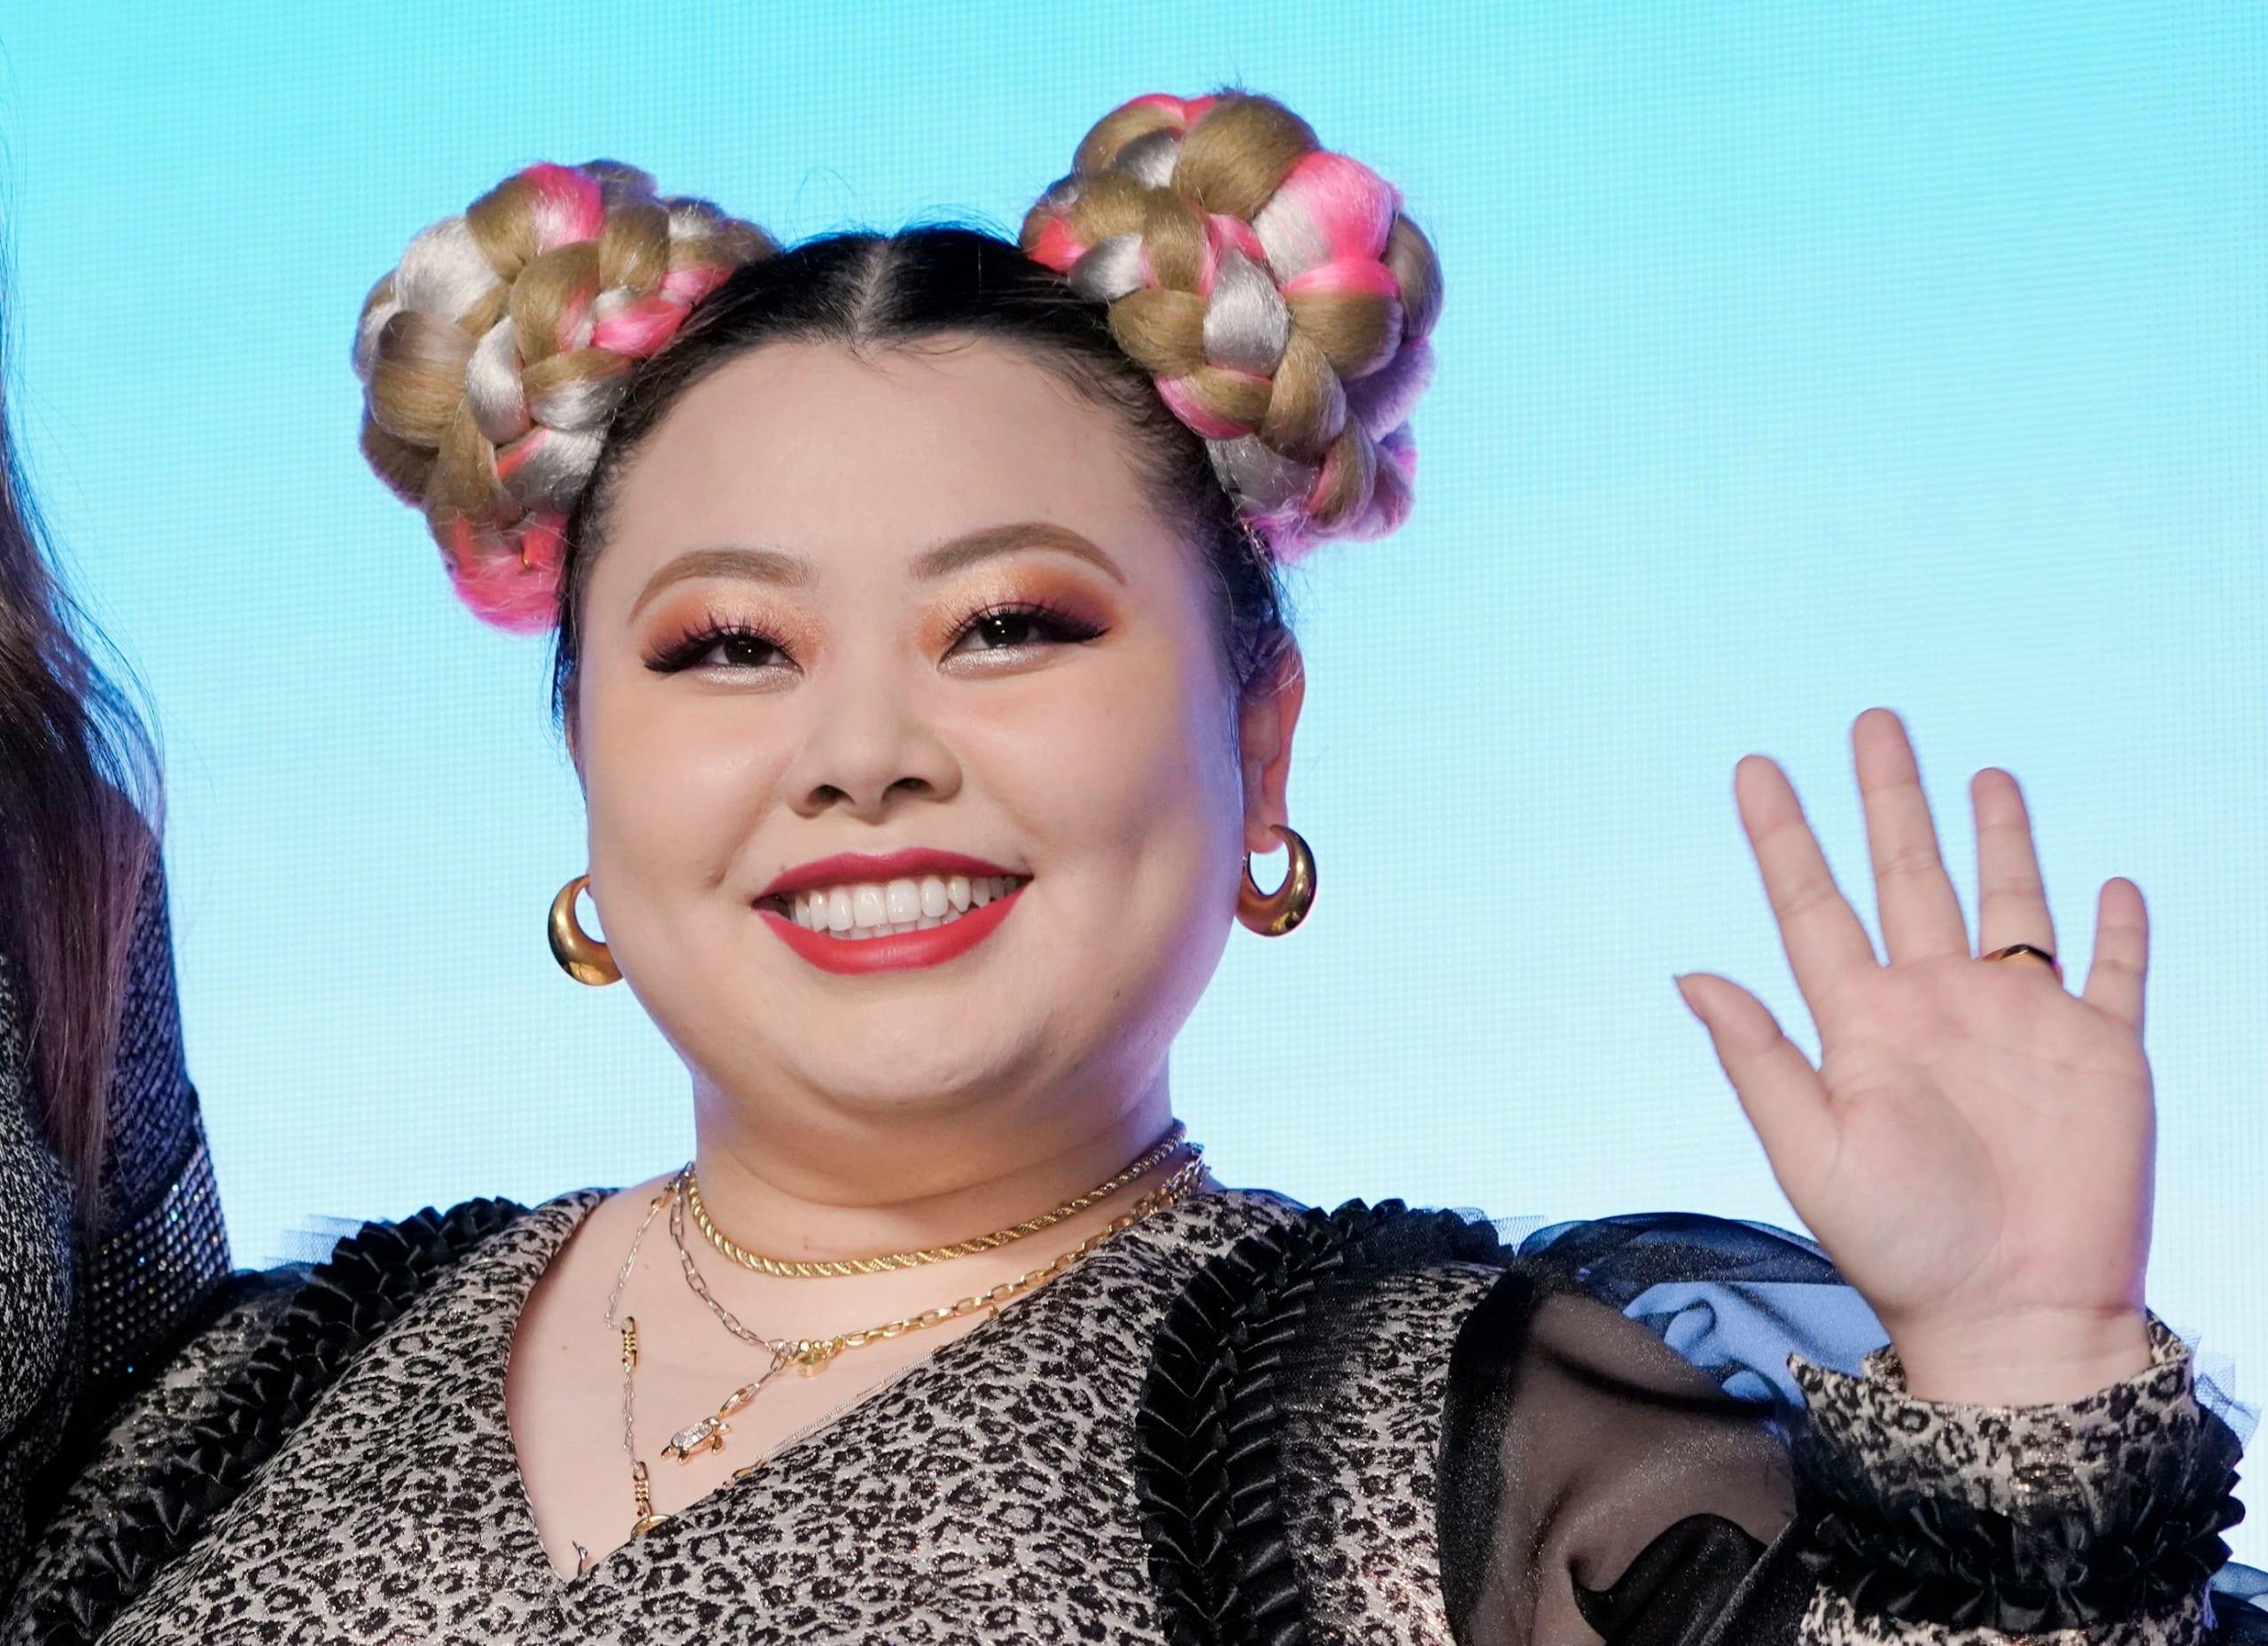 東京オリンピック・パラリンピック開閉会式の演出で、タレントの渡辺直美さんの容姿を